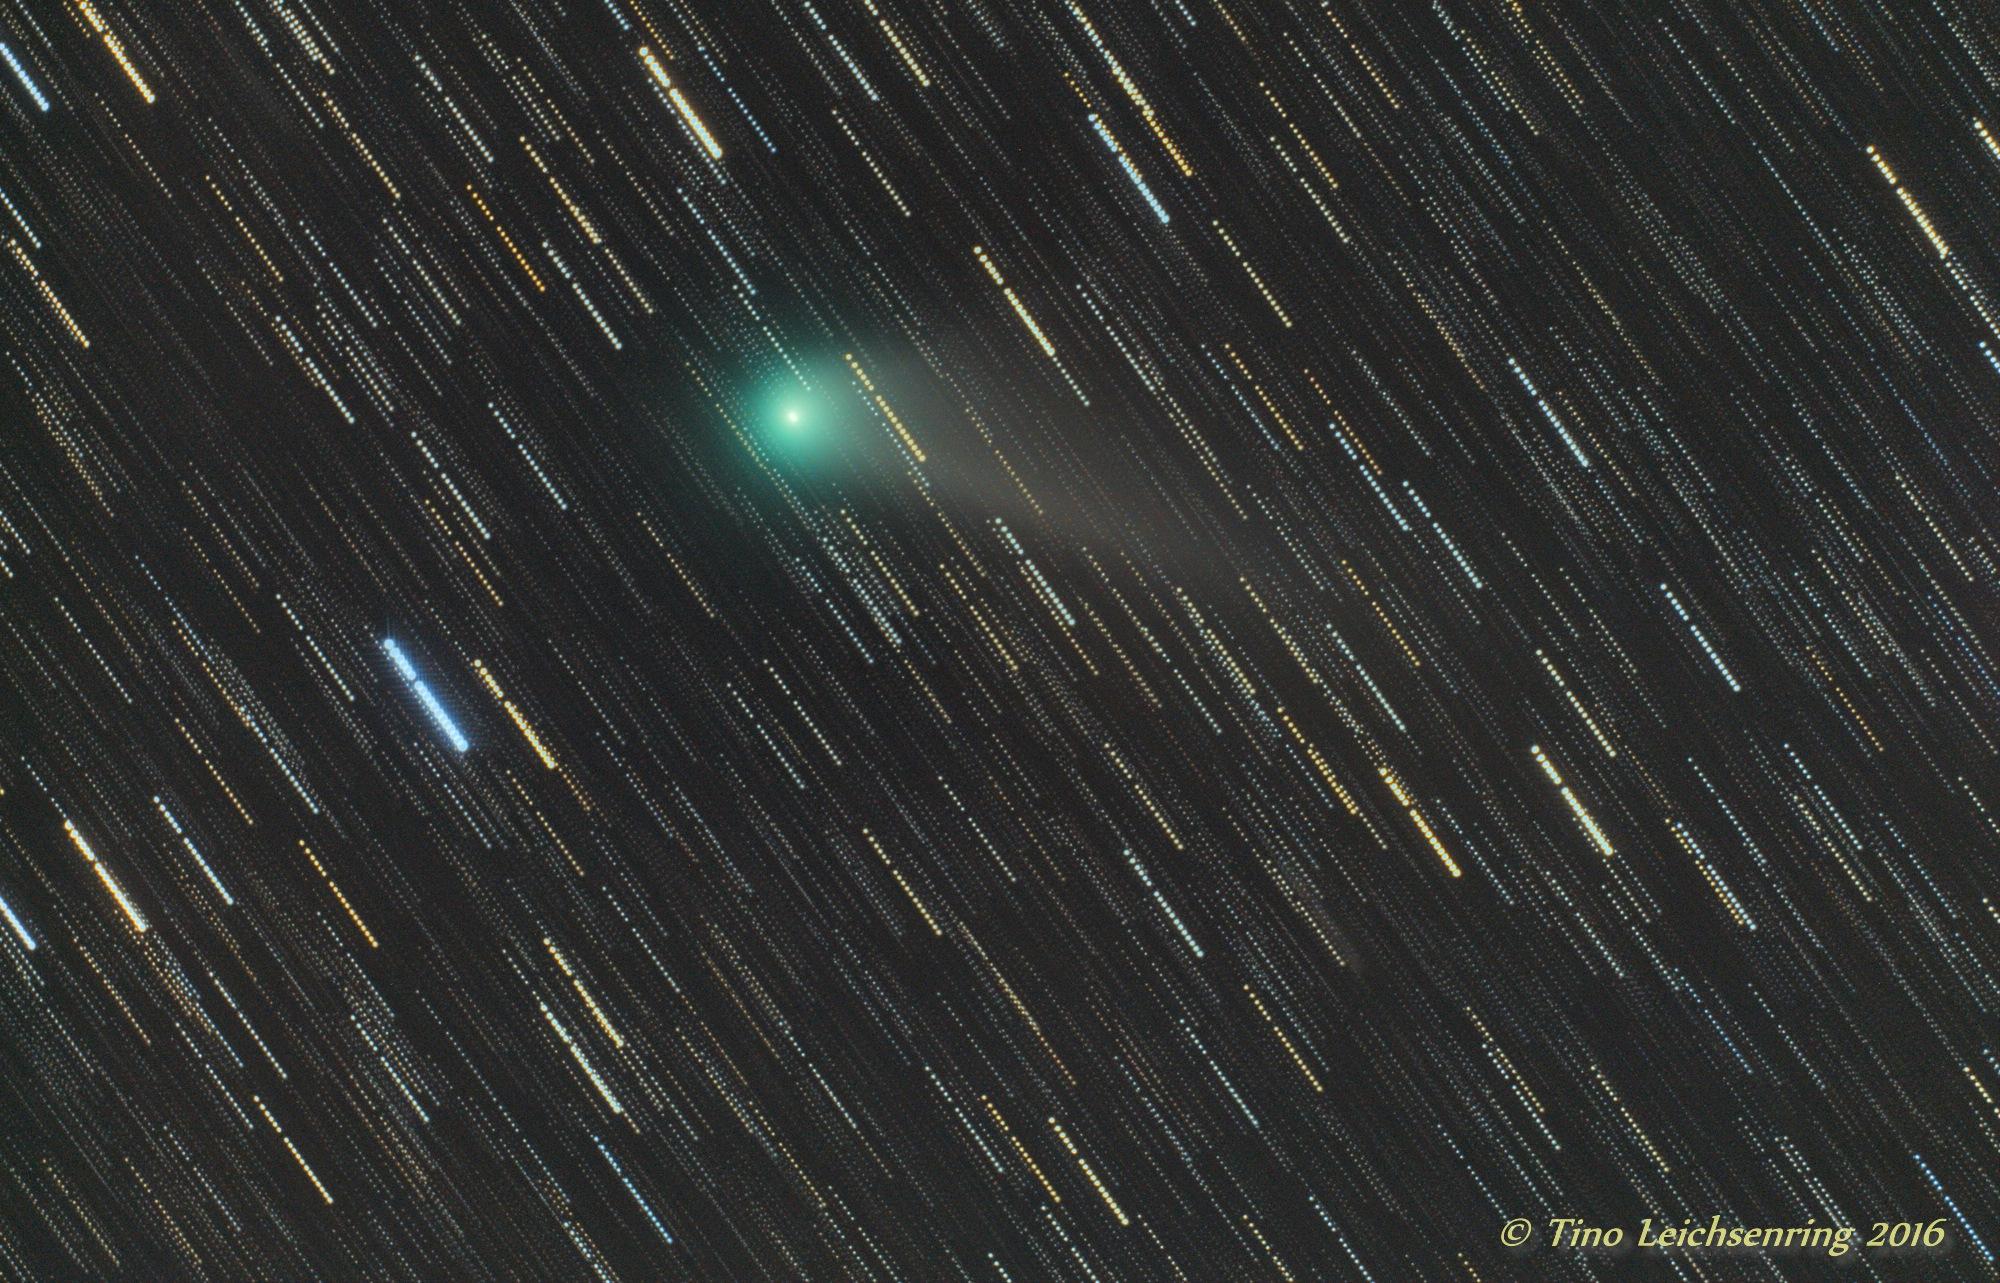 C2013 US10 Catalina vom 06.-07.02.16 Sternstrichspur 18 Fotos a 6min ISO 400_klein